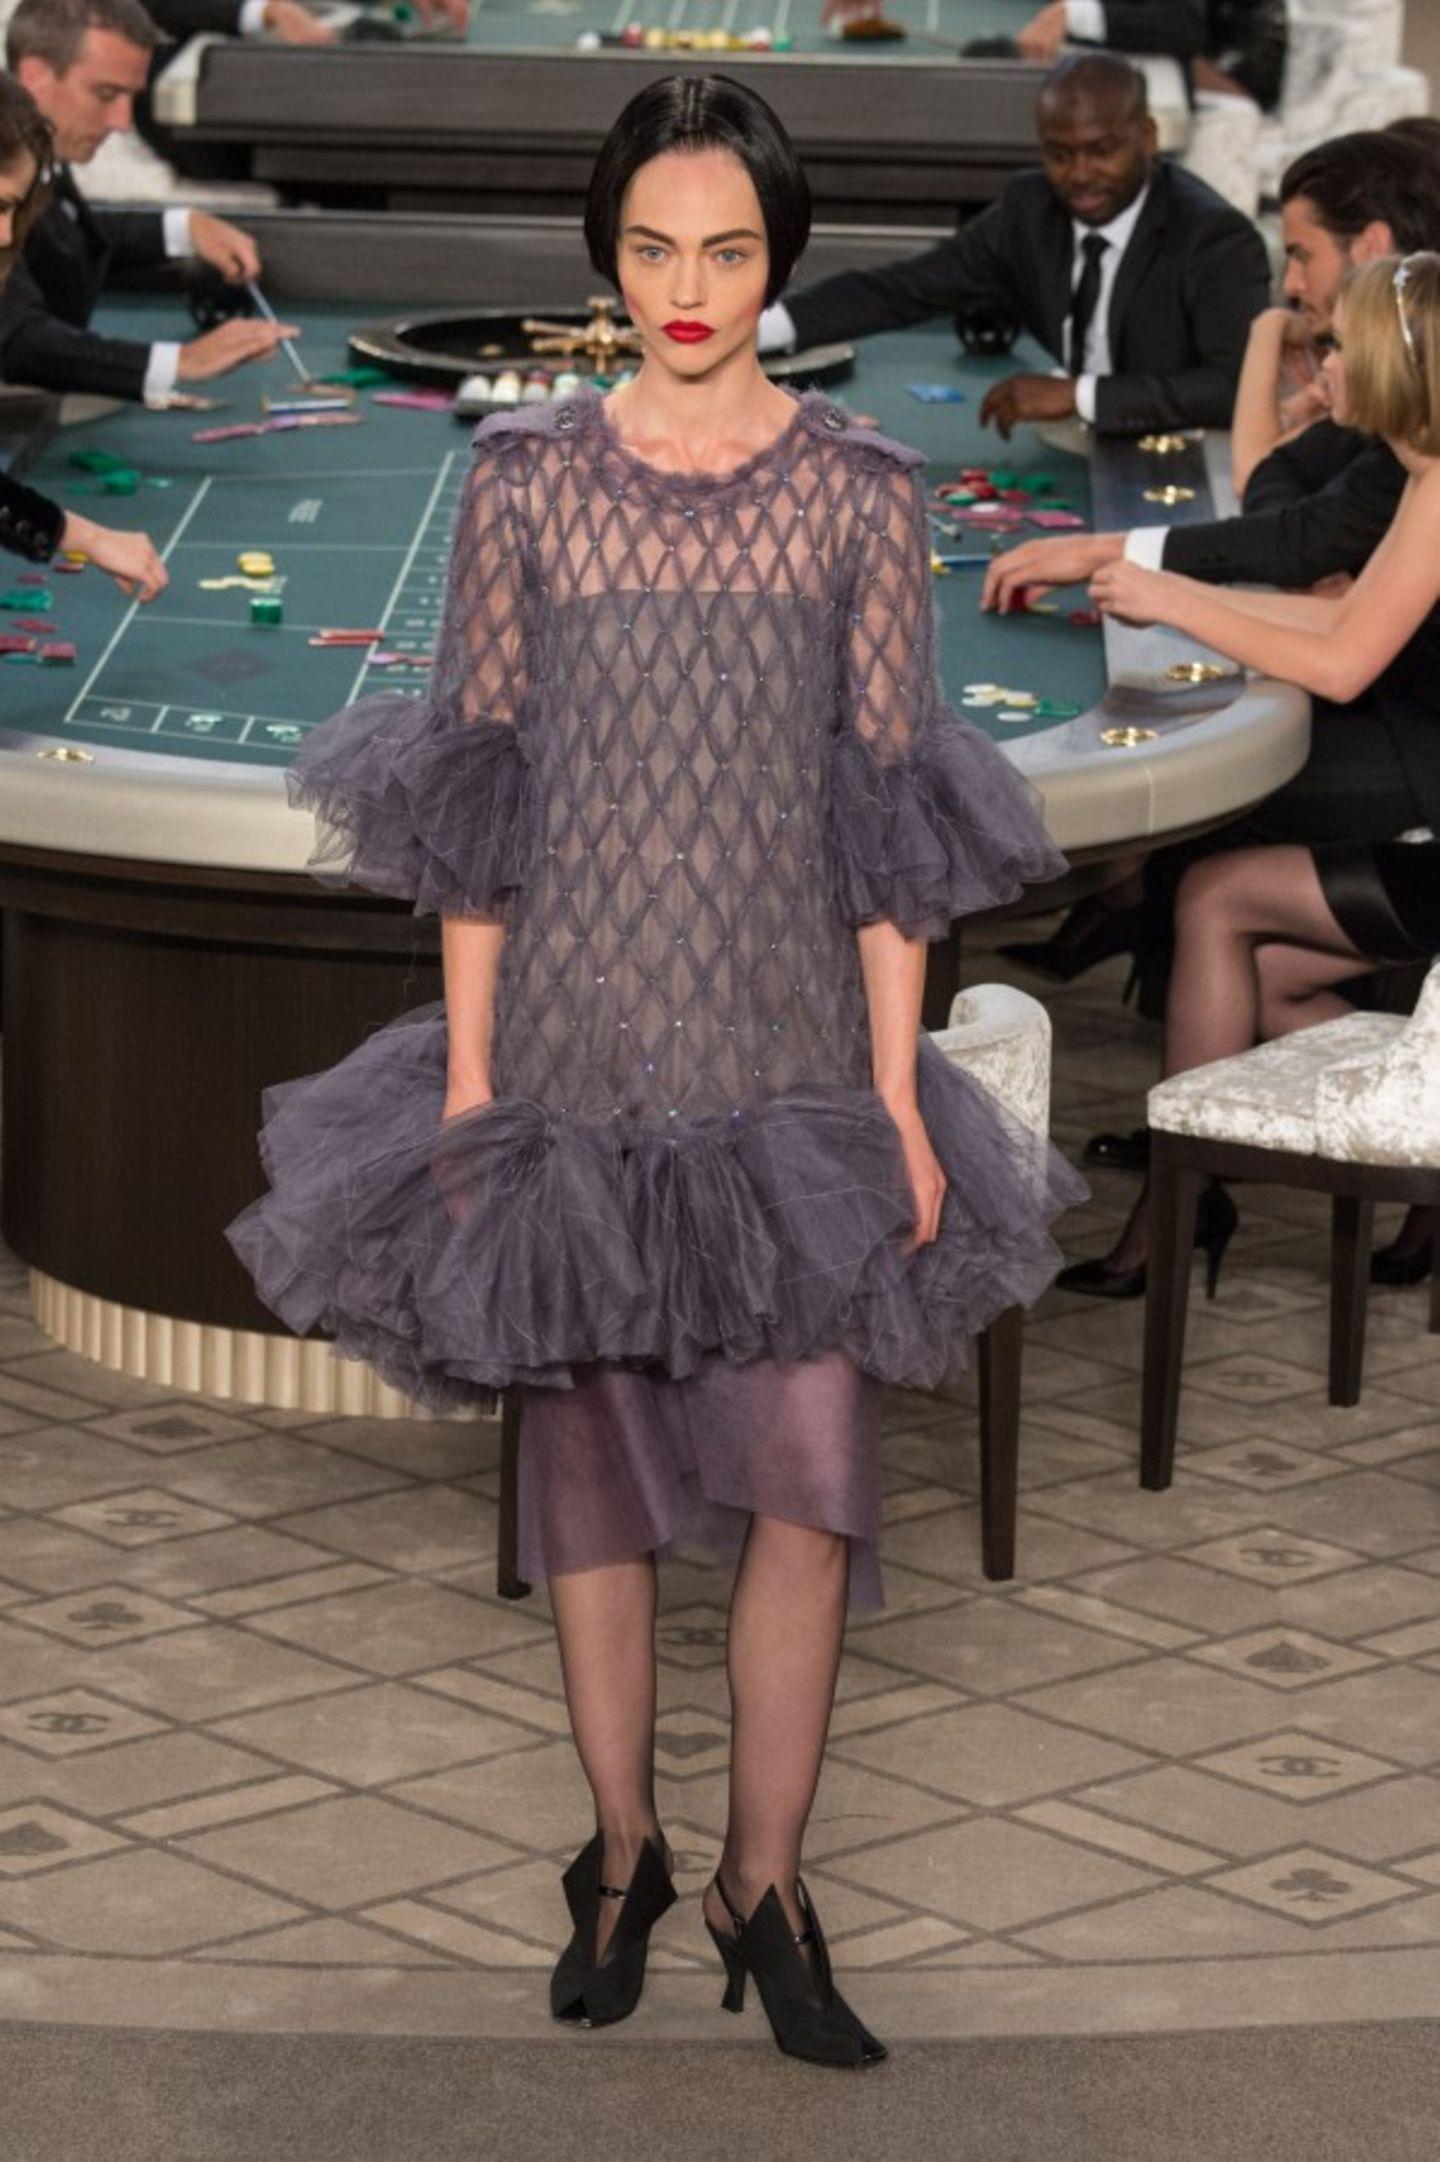 Die Show von Chanel: Der Runway wurde in ein Casino verwandelt. Als Stargäste nahmen Kristen Stewart, Rita Ora und Julianne Moore an den Spieltischen der Show Platz.